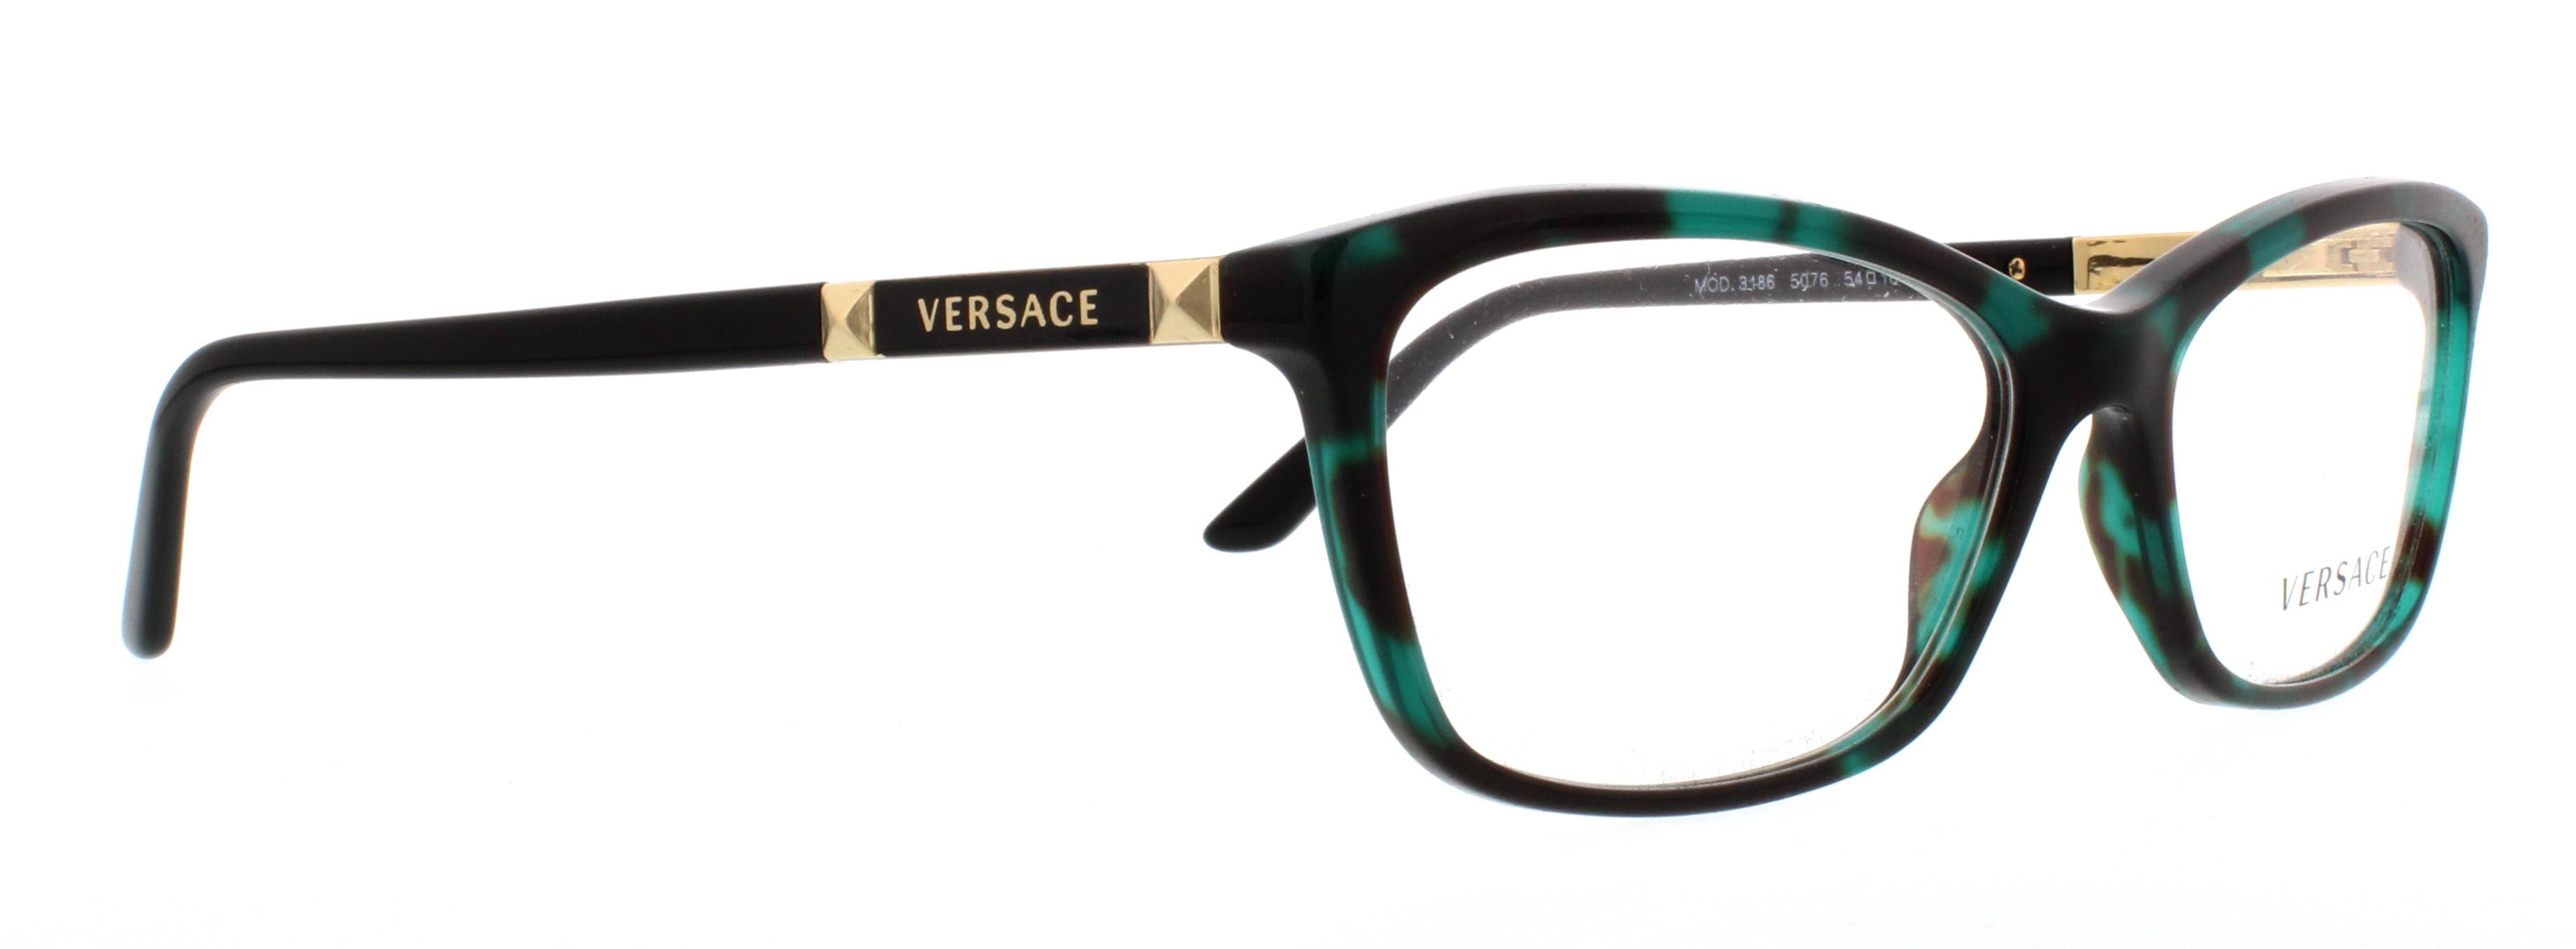 ee236ecf0c6 Designer Frames Outlet. Versace VE3186